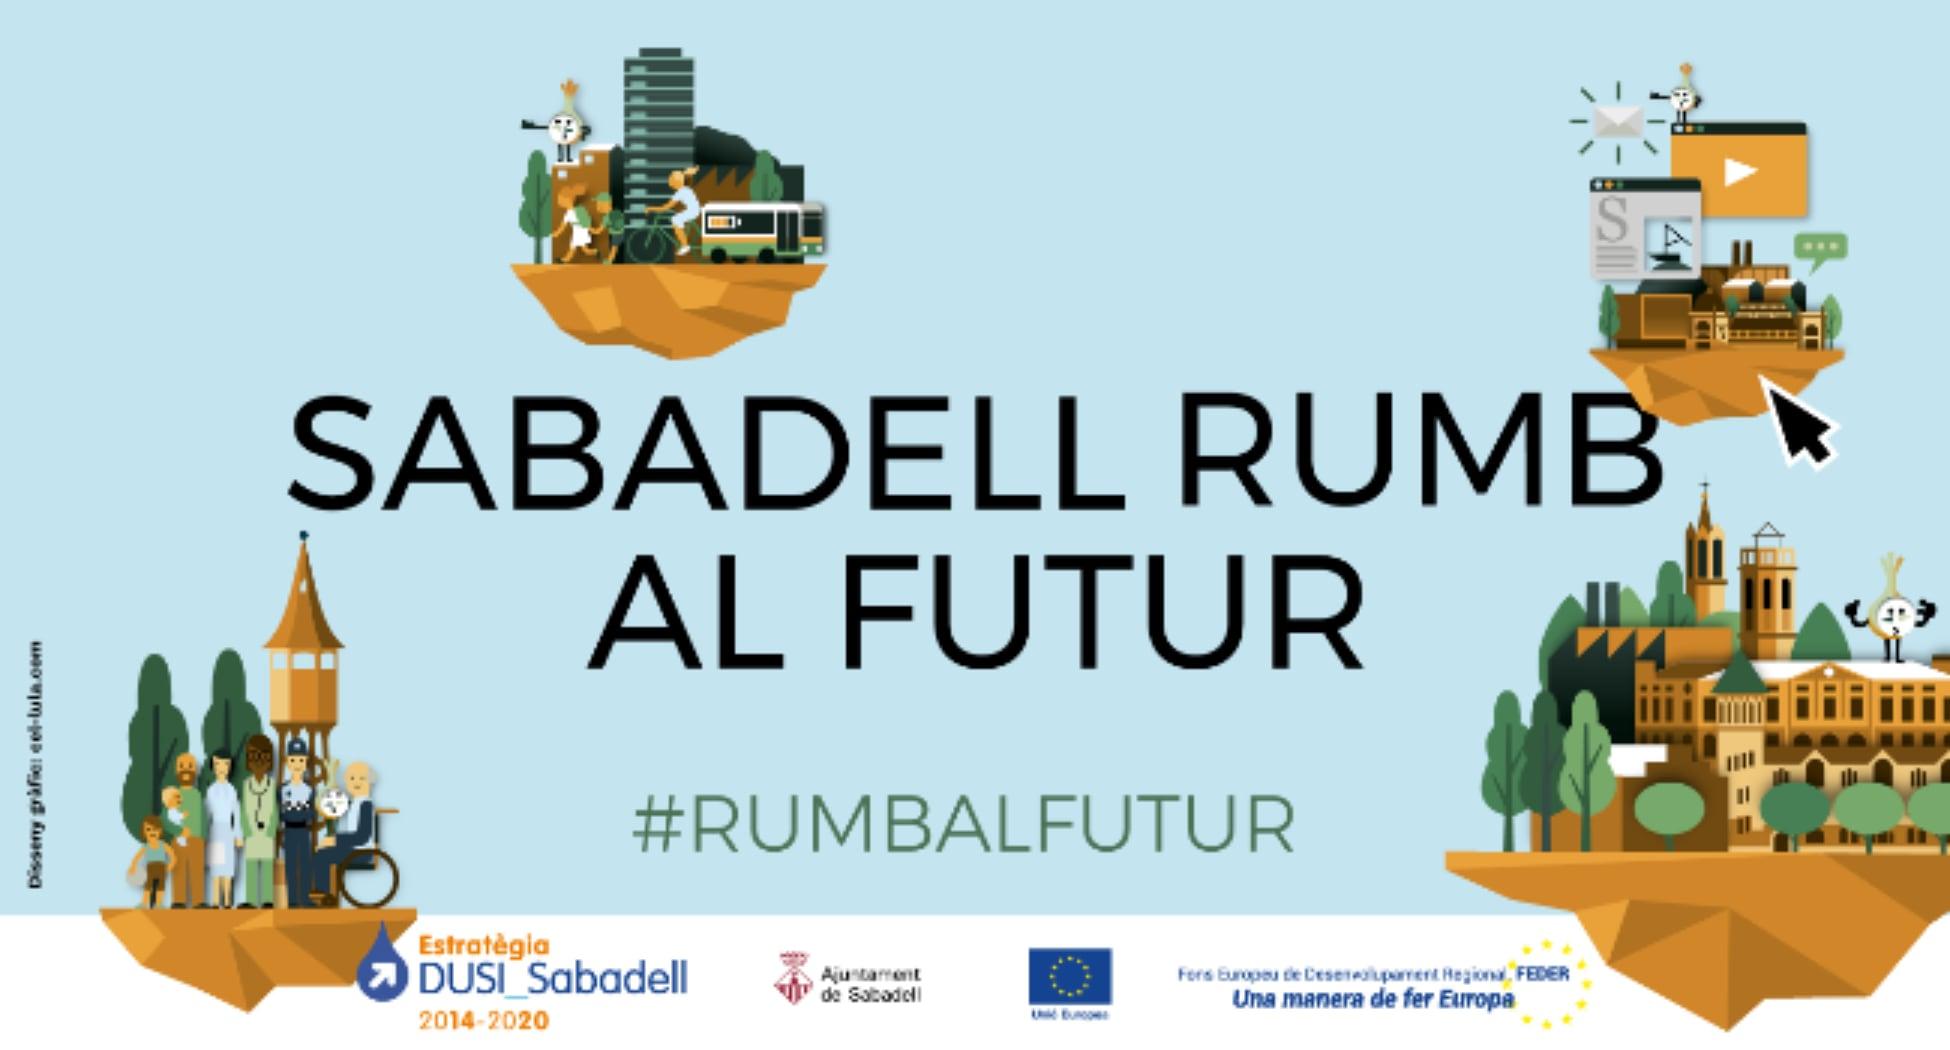 """La campanya """"Sabadell rumb al futur"""" ressalta cap a on va la ciutat i com els fons europeus han contribuït a avançar en aquest camí els darrers anys"""